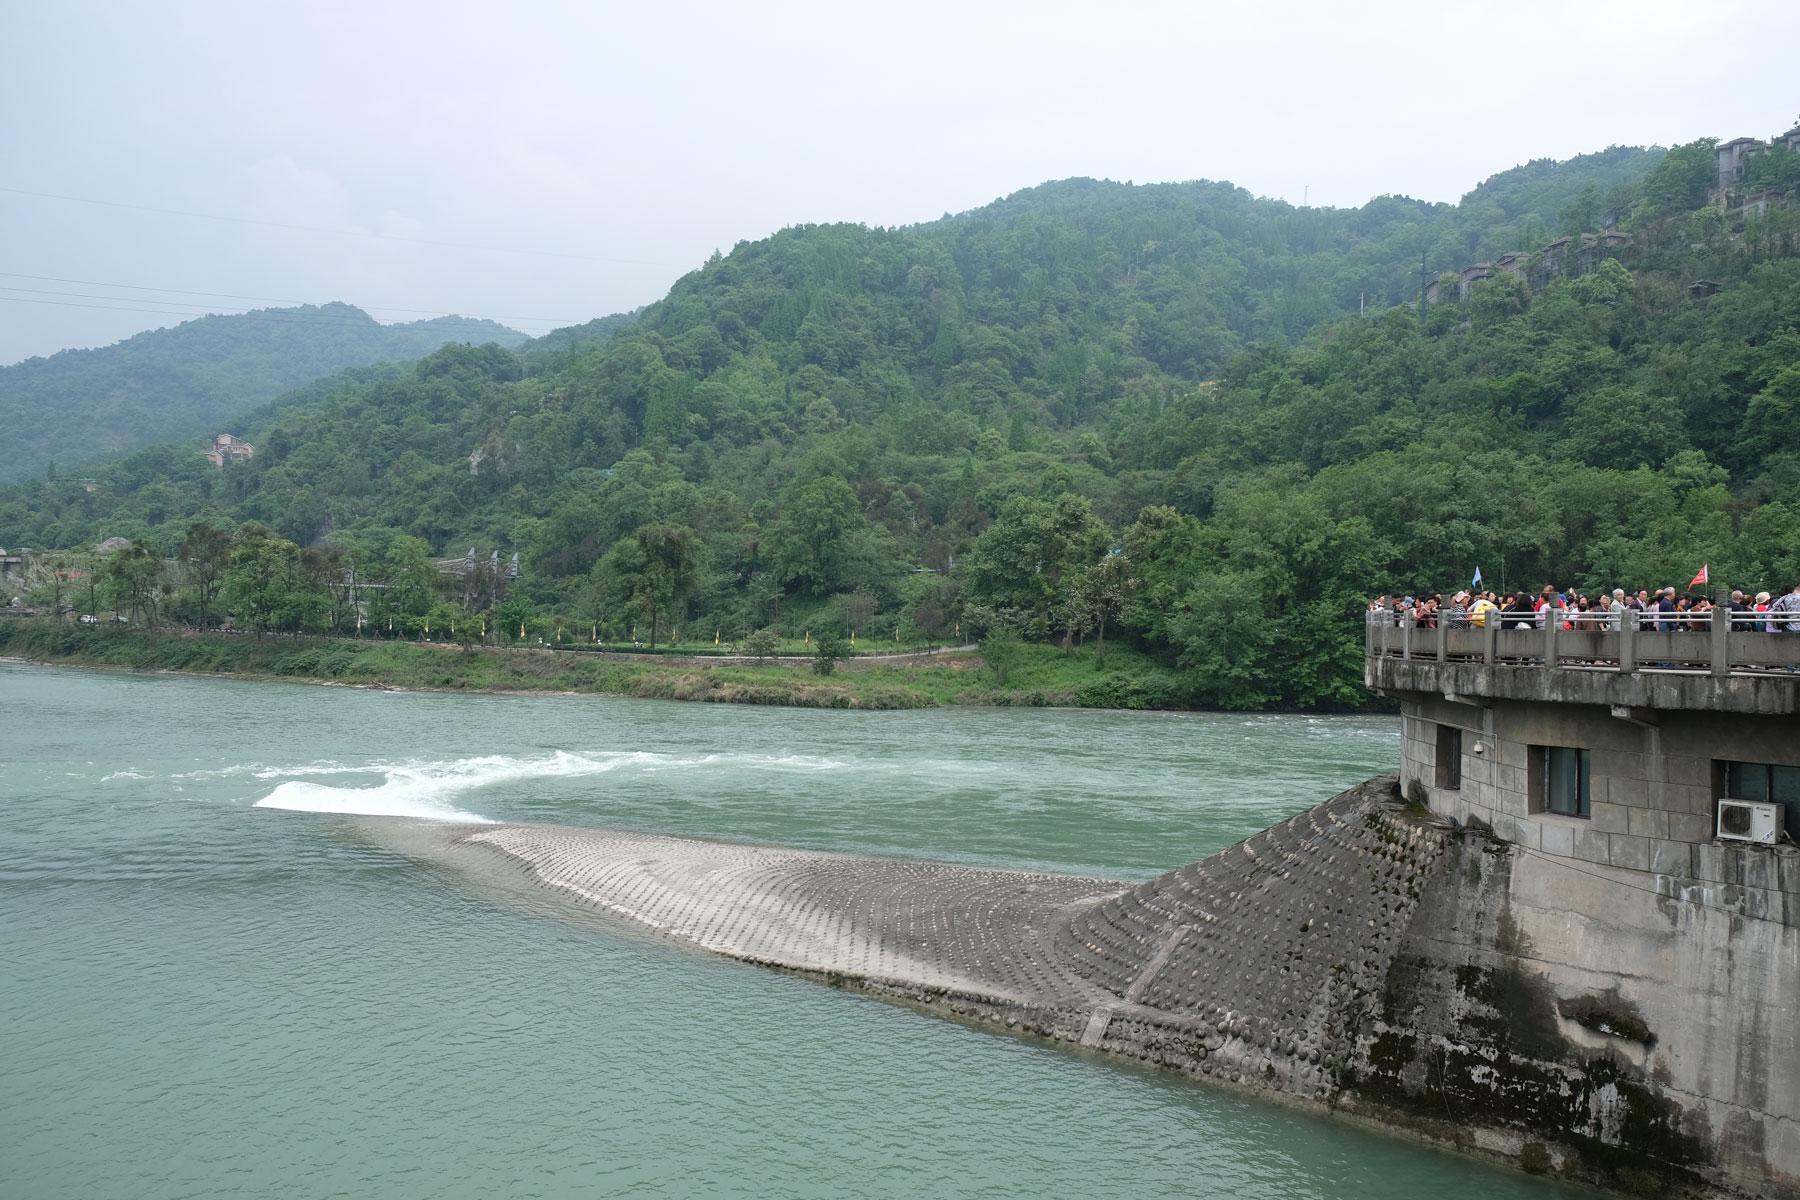 Das Fischmaul des Bewässerungssystems von Dujiangyan in China.